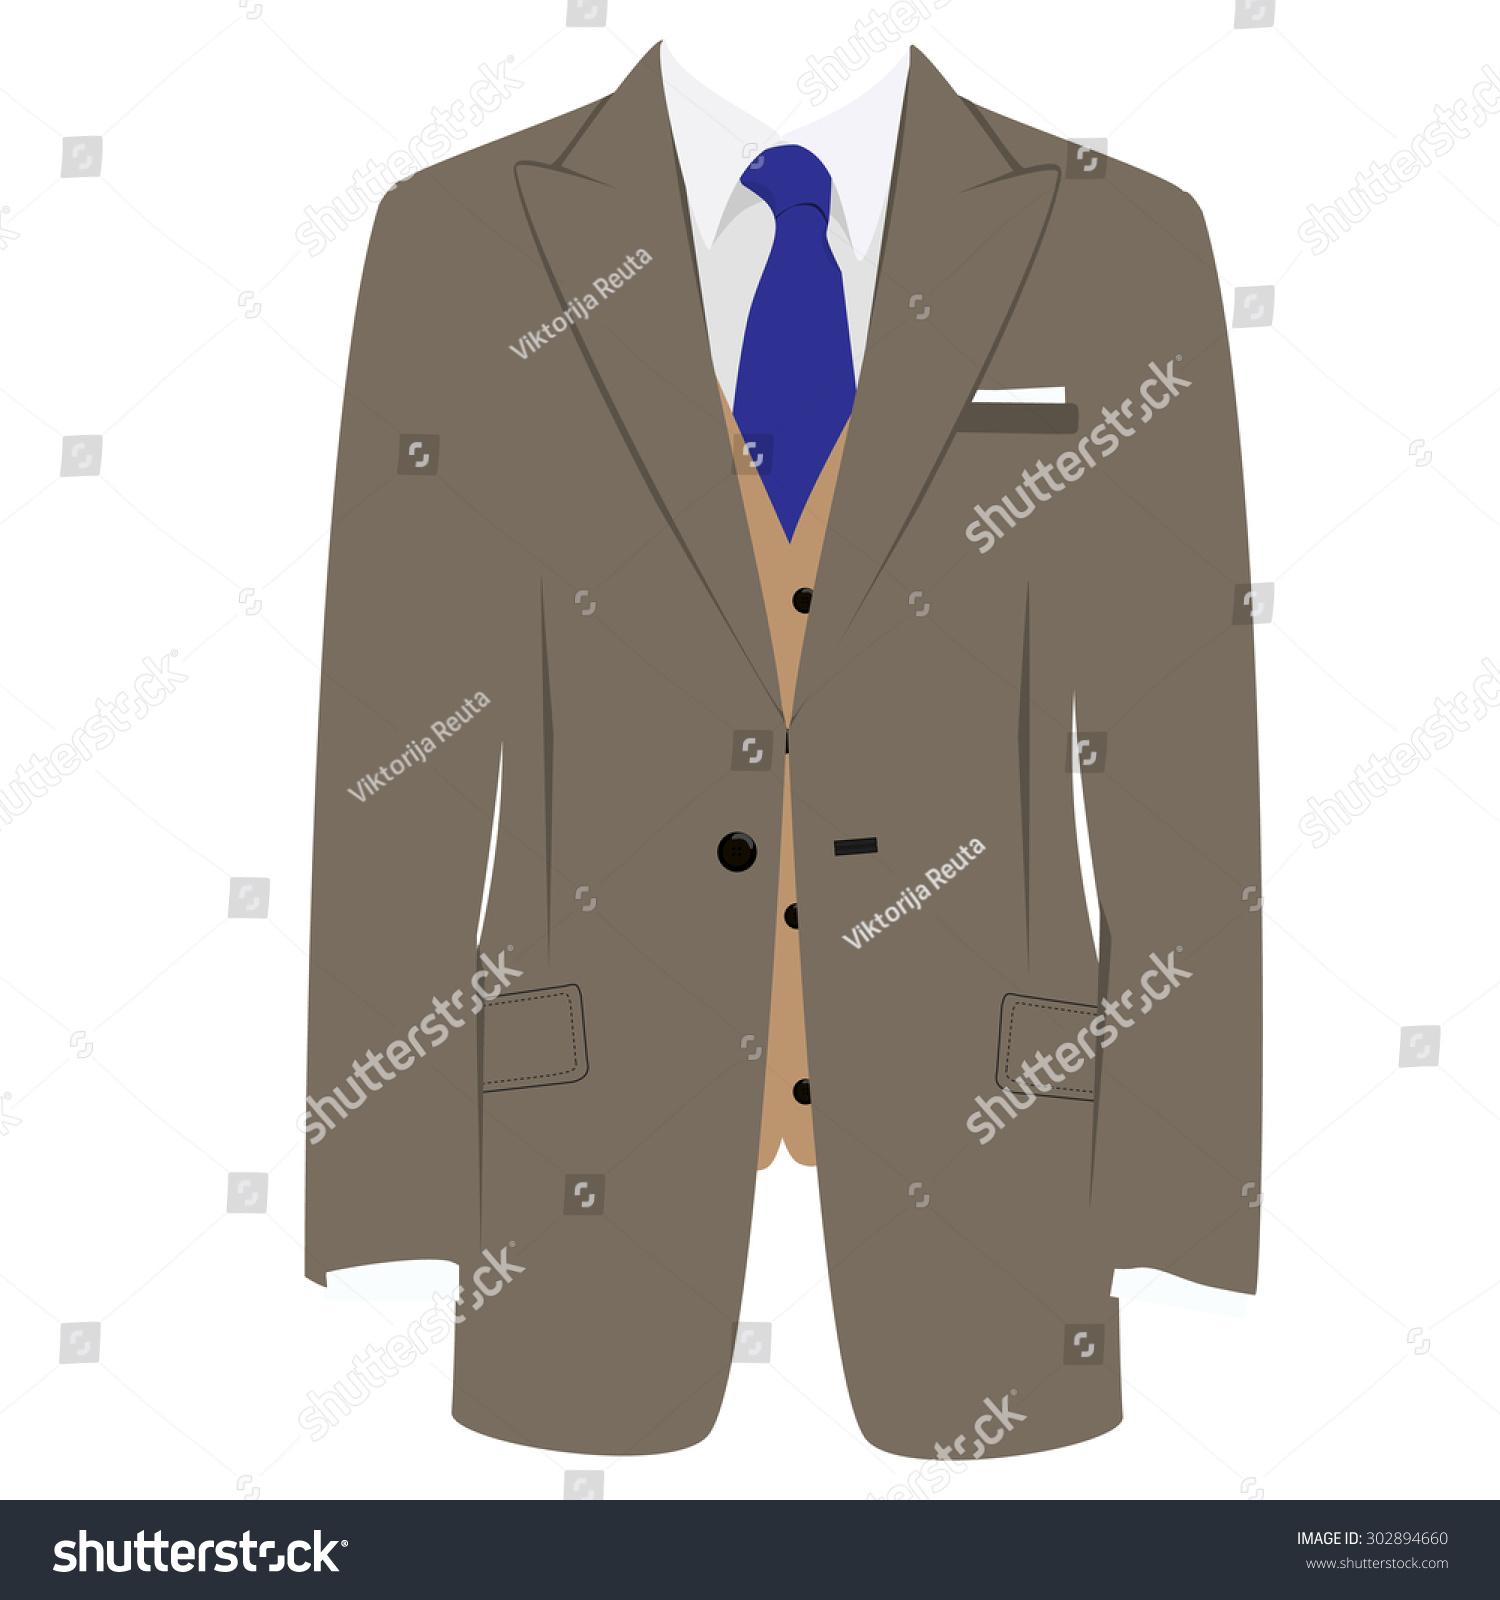 矢量插图的棕色男人西装与蓝色领带和白衬衫在灰色